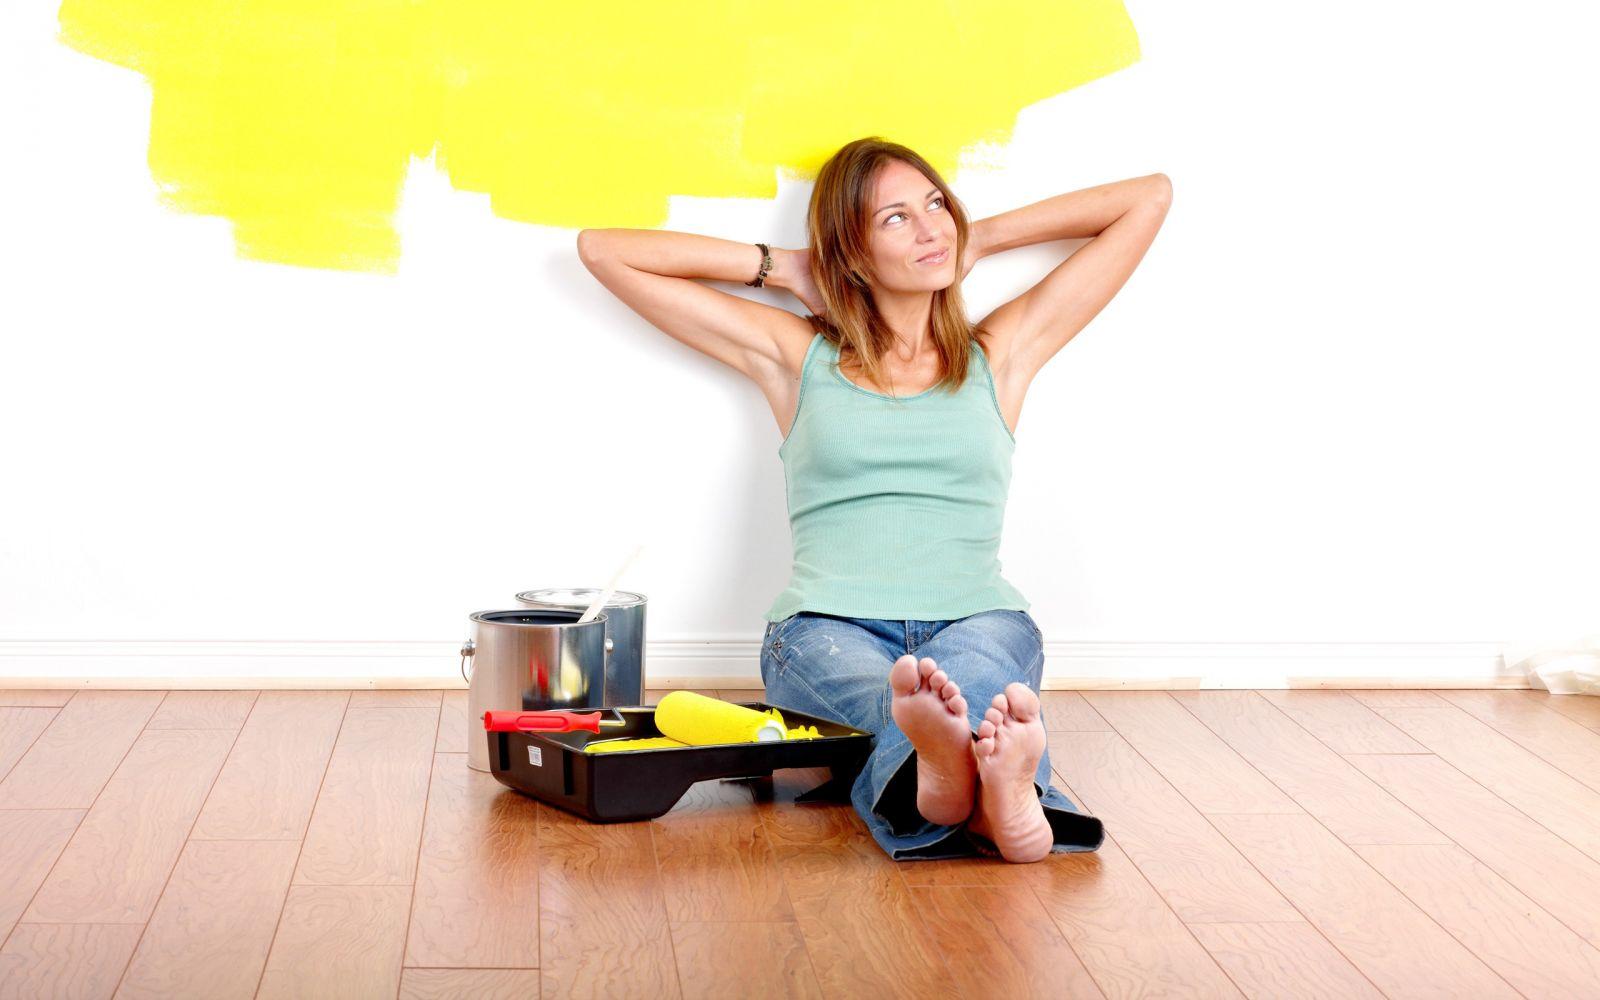 Ремонт слезам не верит: как быстро завершить ремонтные работы